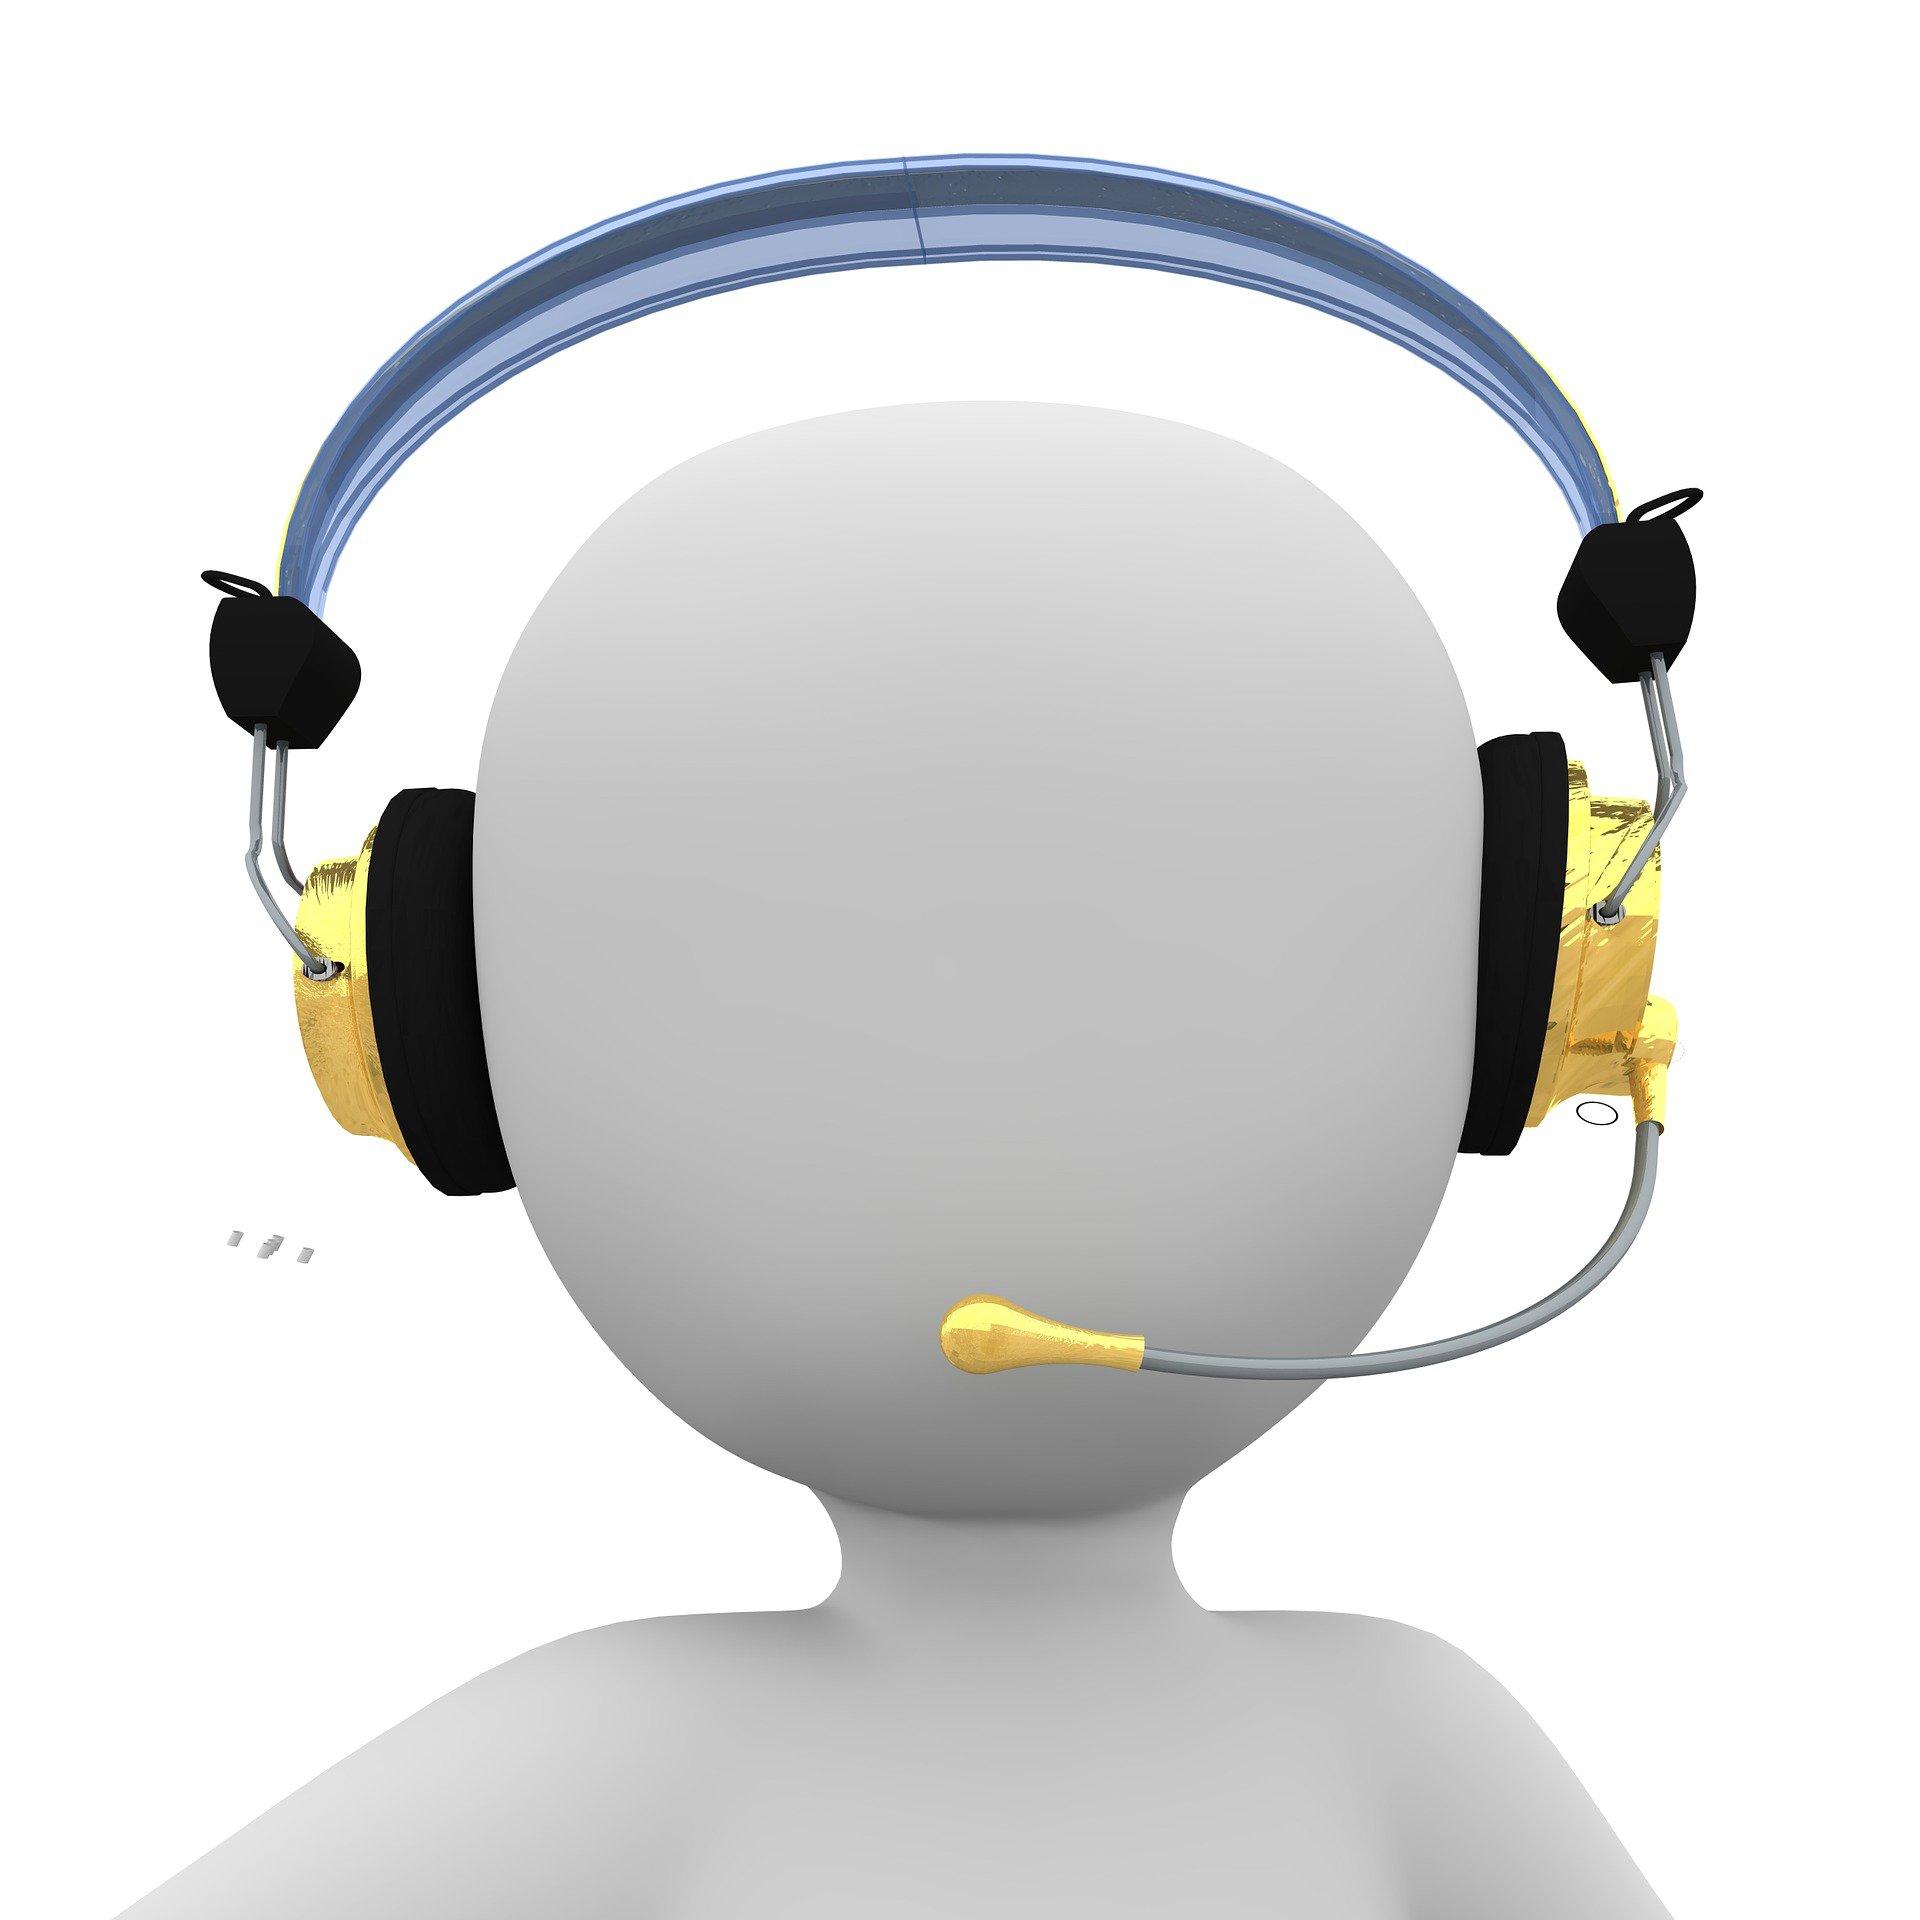 Certificazione estero sportello telefonico call-centerjpg_5556_1.jpg (Art. corrente, Pag. 1, Foto generica)